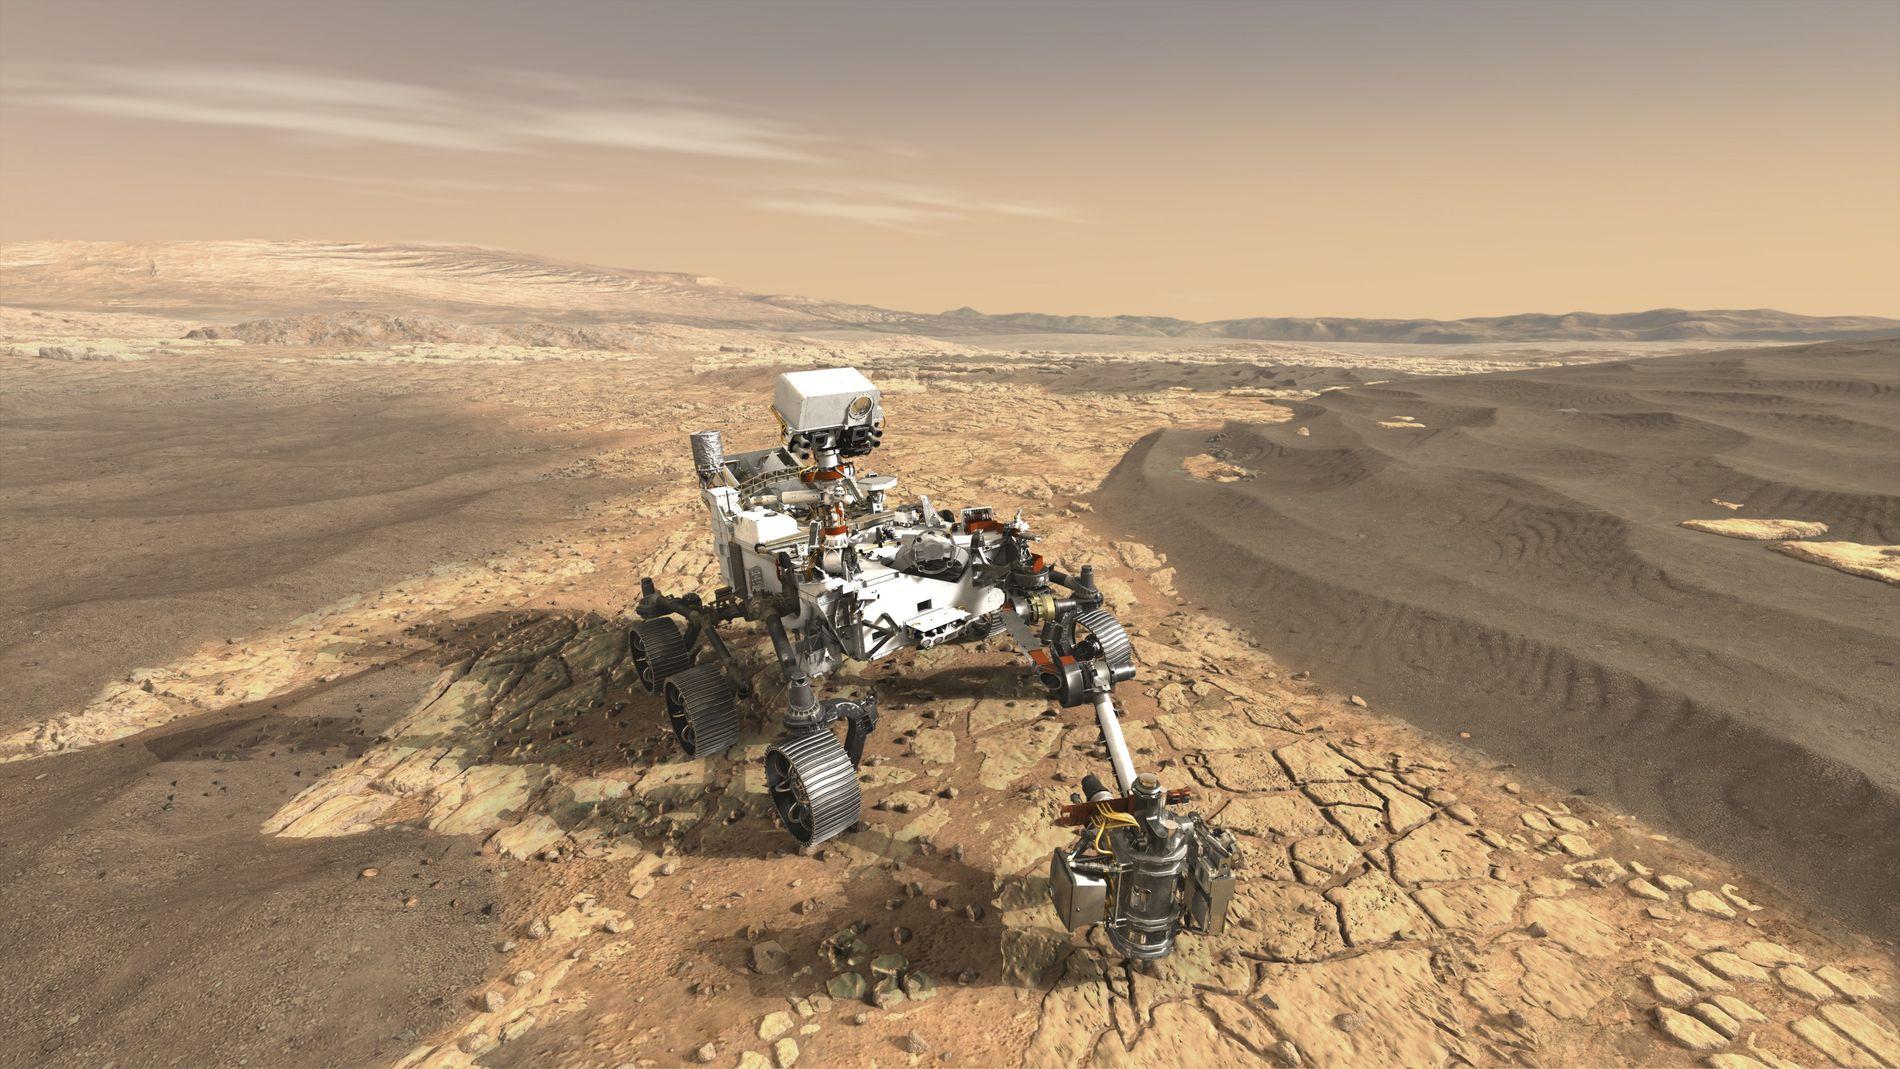 Le rover Mars 2020 récoltera des échantillons de sédiments près du cratère de Jezero, dans le but de découvrir si une vie y a existé.